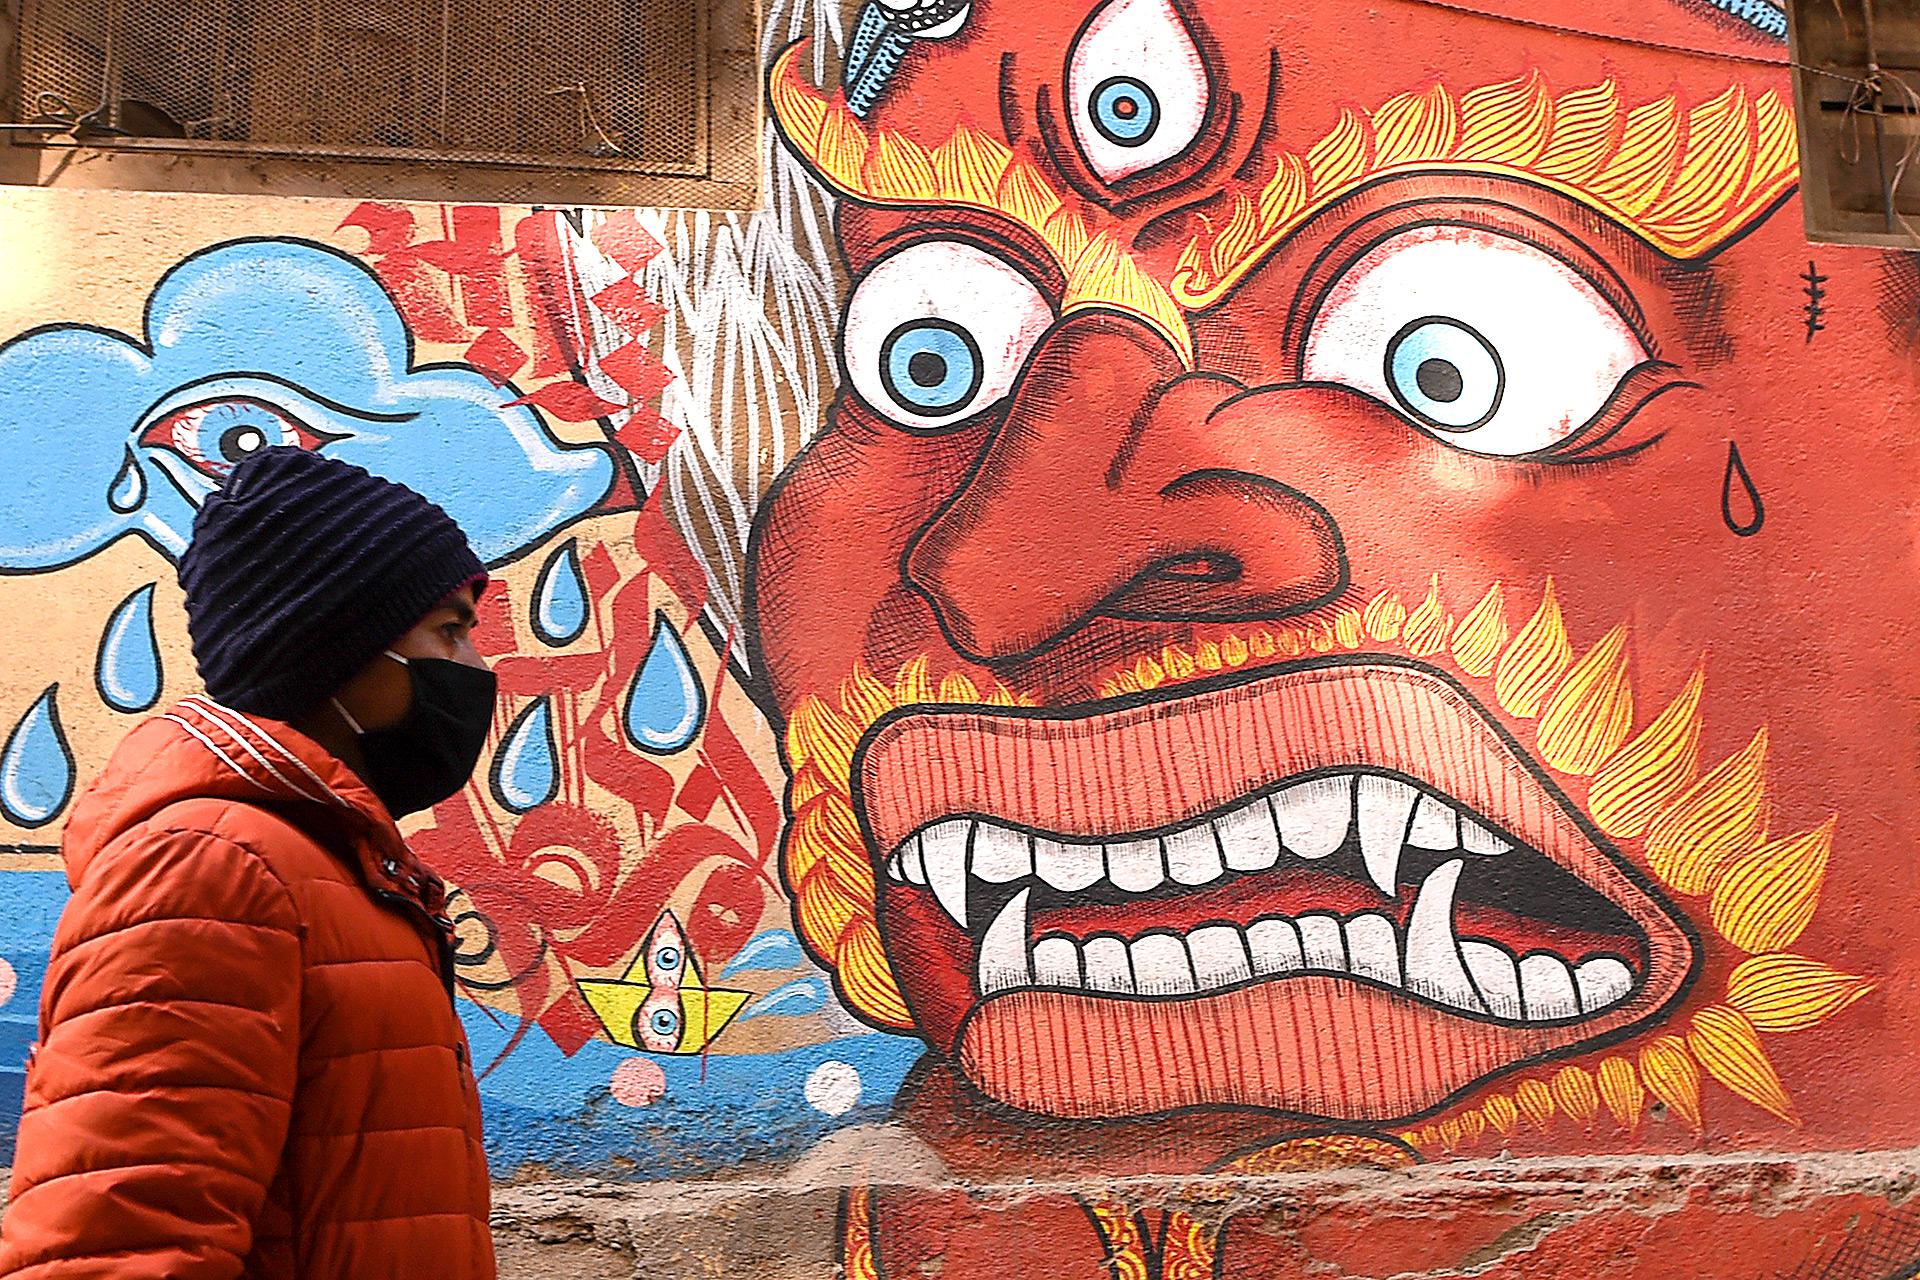 Un residente con una máscara protectora camina en el área de la Plaza Patan Durbar en Katmandú el 10 de febrero de 2020 (PRAKASH MATHEMA / AFP)